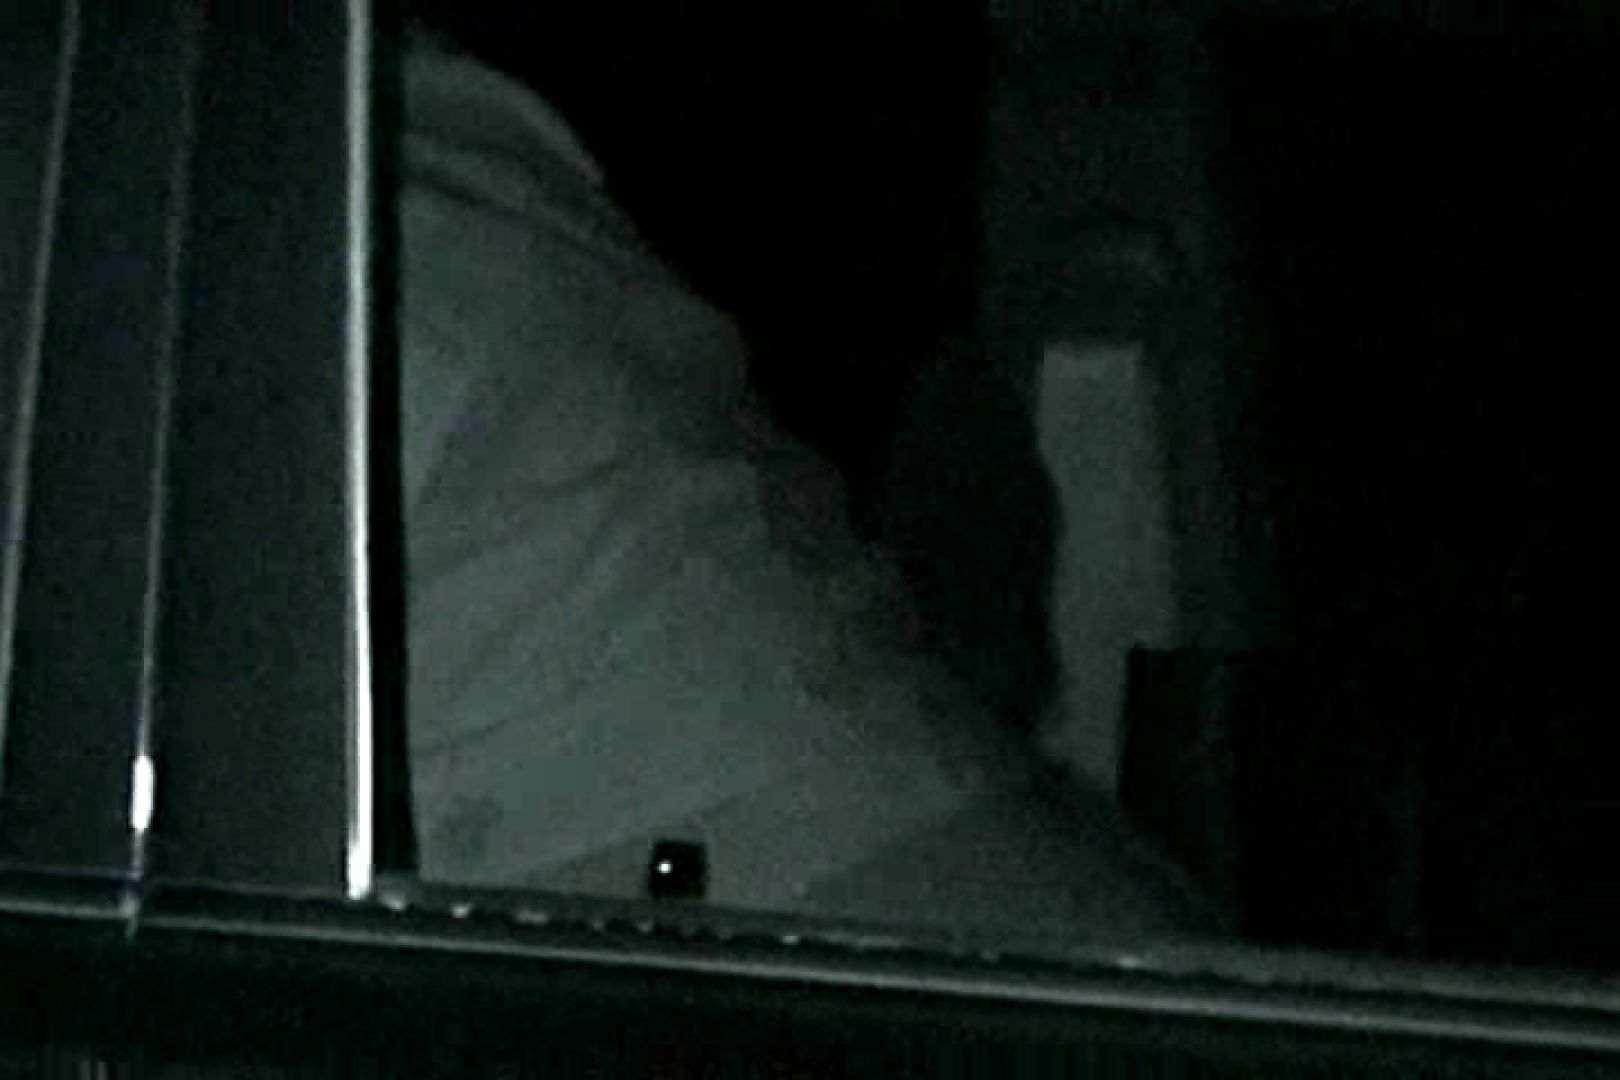 充血監督の深夜の運動会Vol.131 車中はめどり AV動画キャプチャ 93画像 70